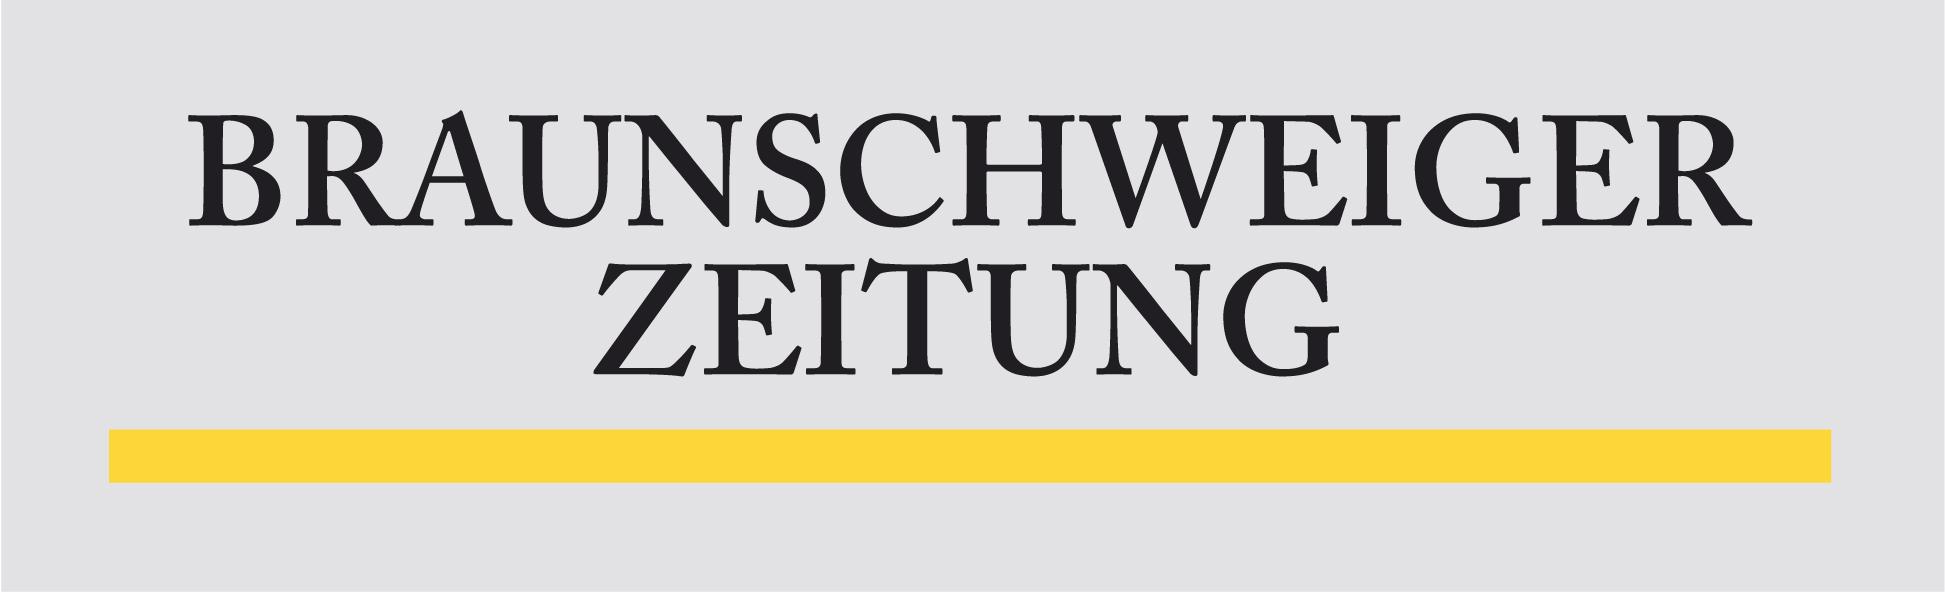 BraunschweigerZeitung_rgb